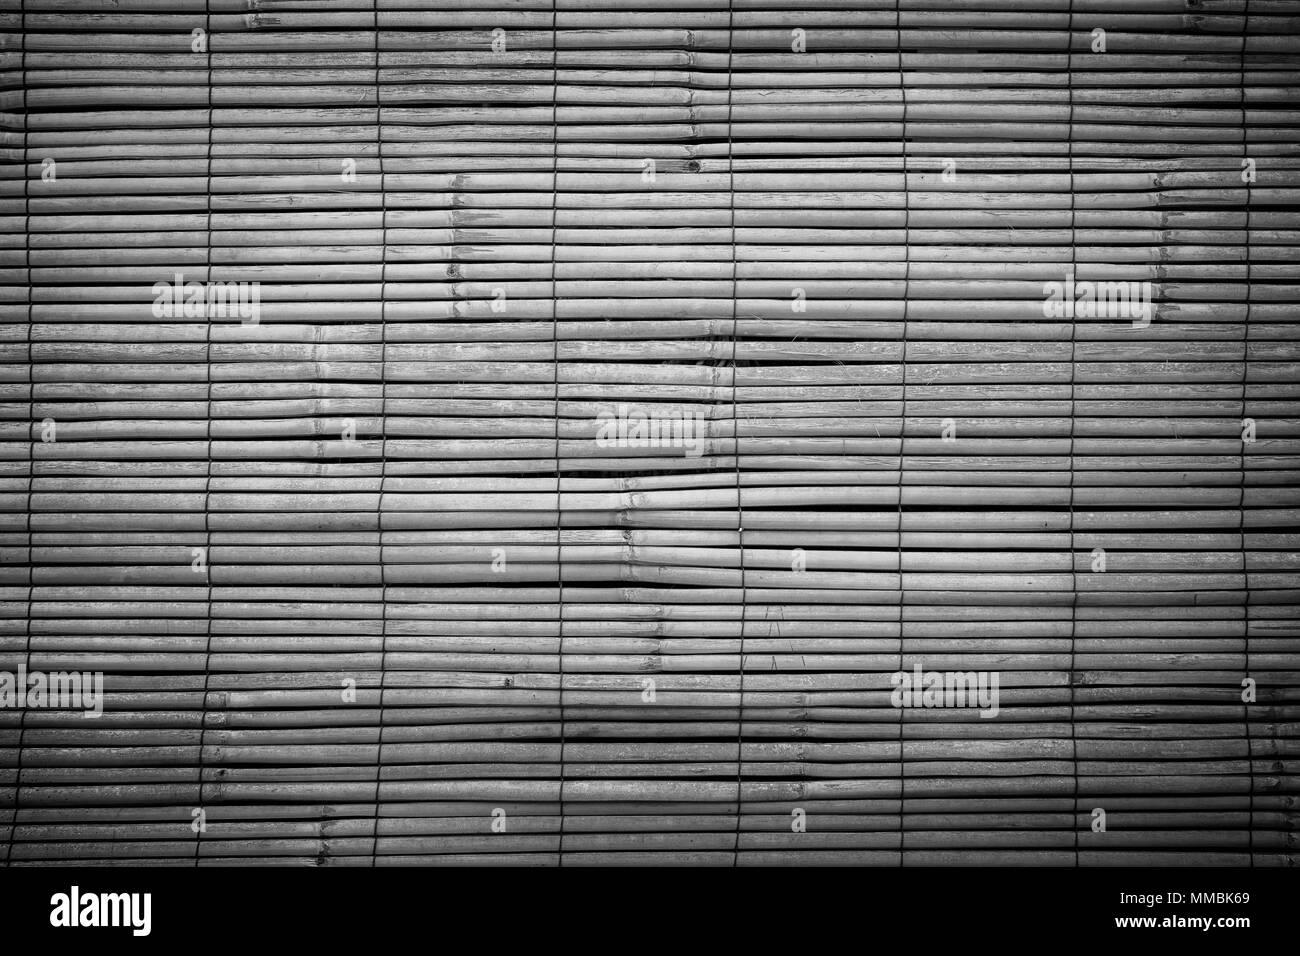 Full Frame Hintergrund Des Gealterten Holz Bambus Jalousien In